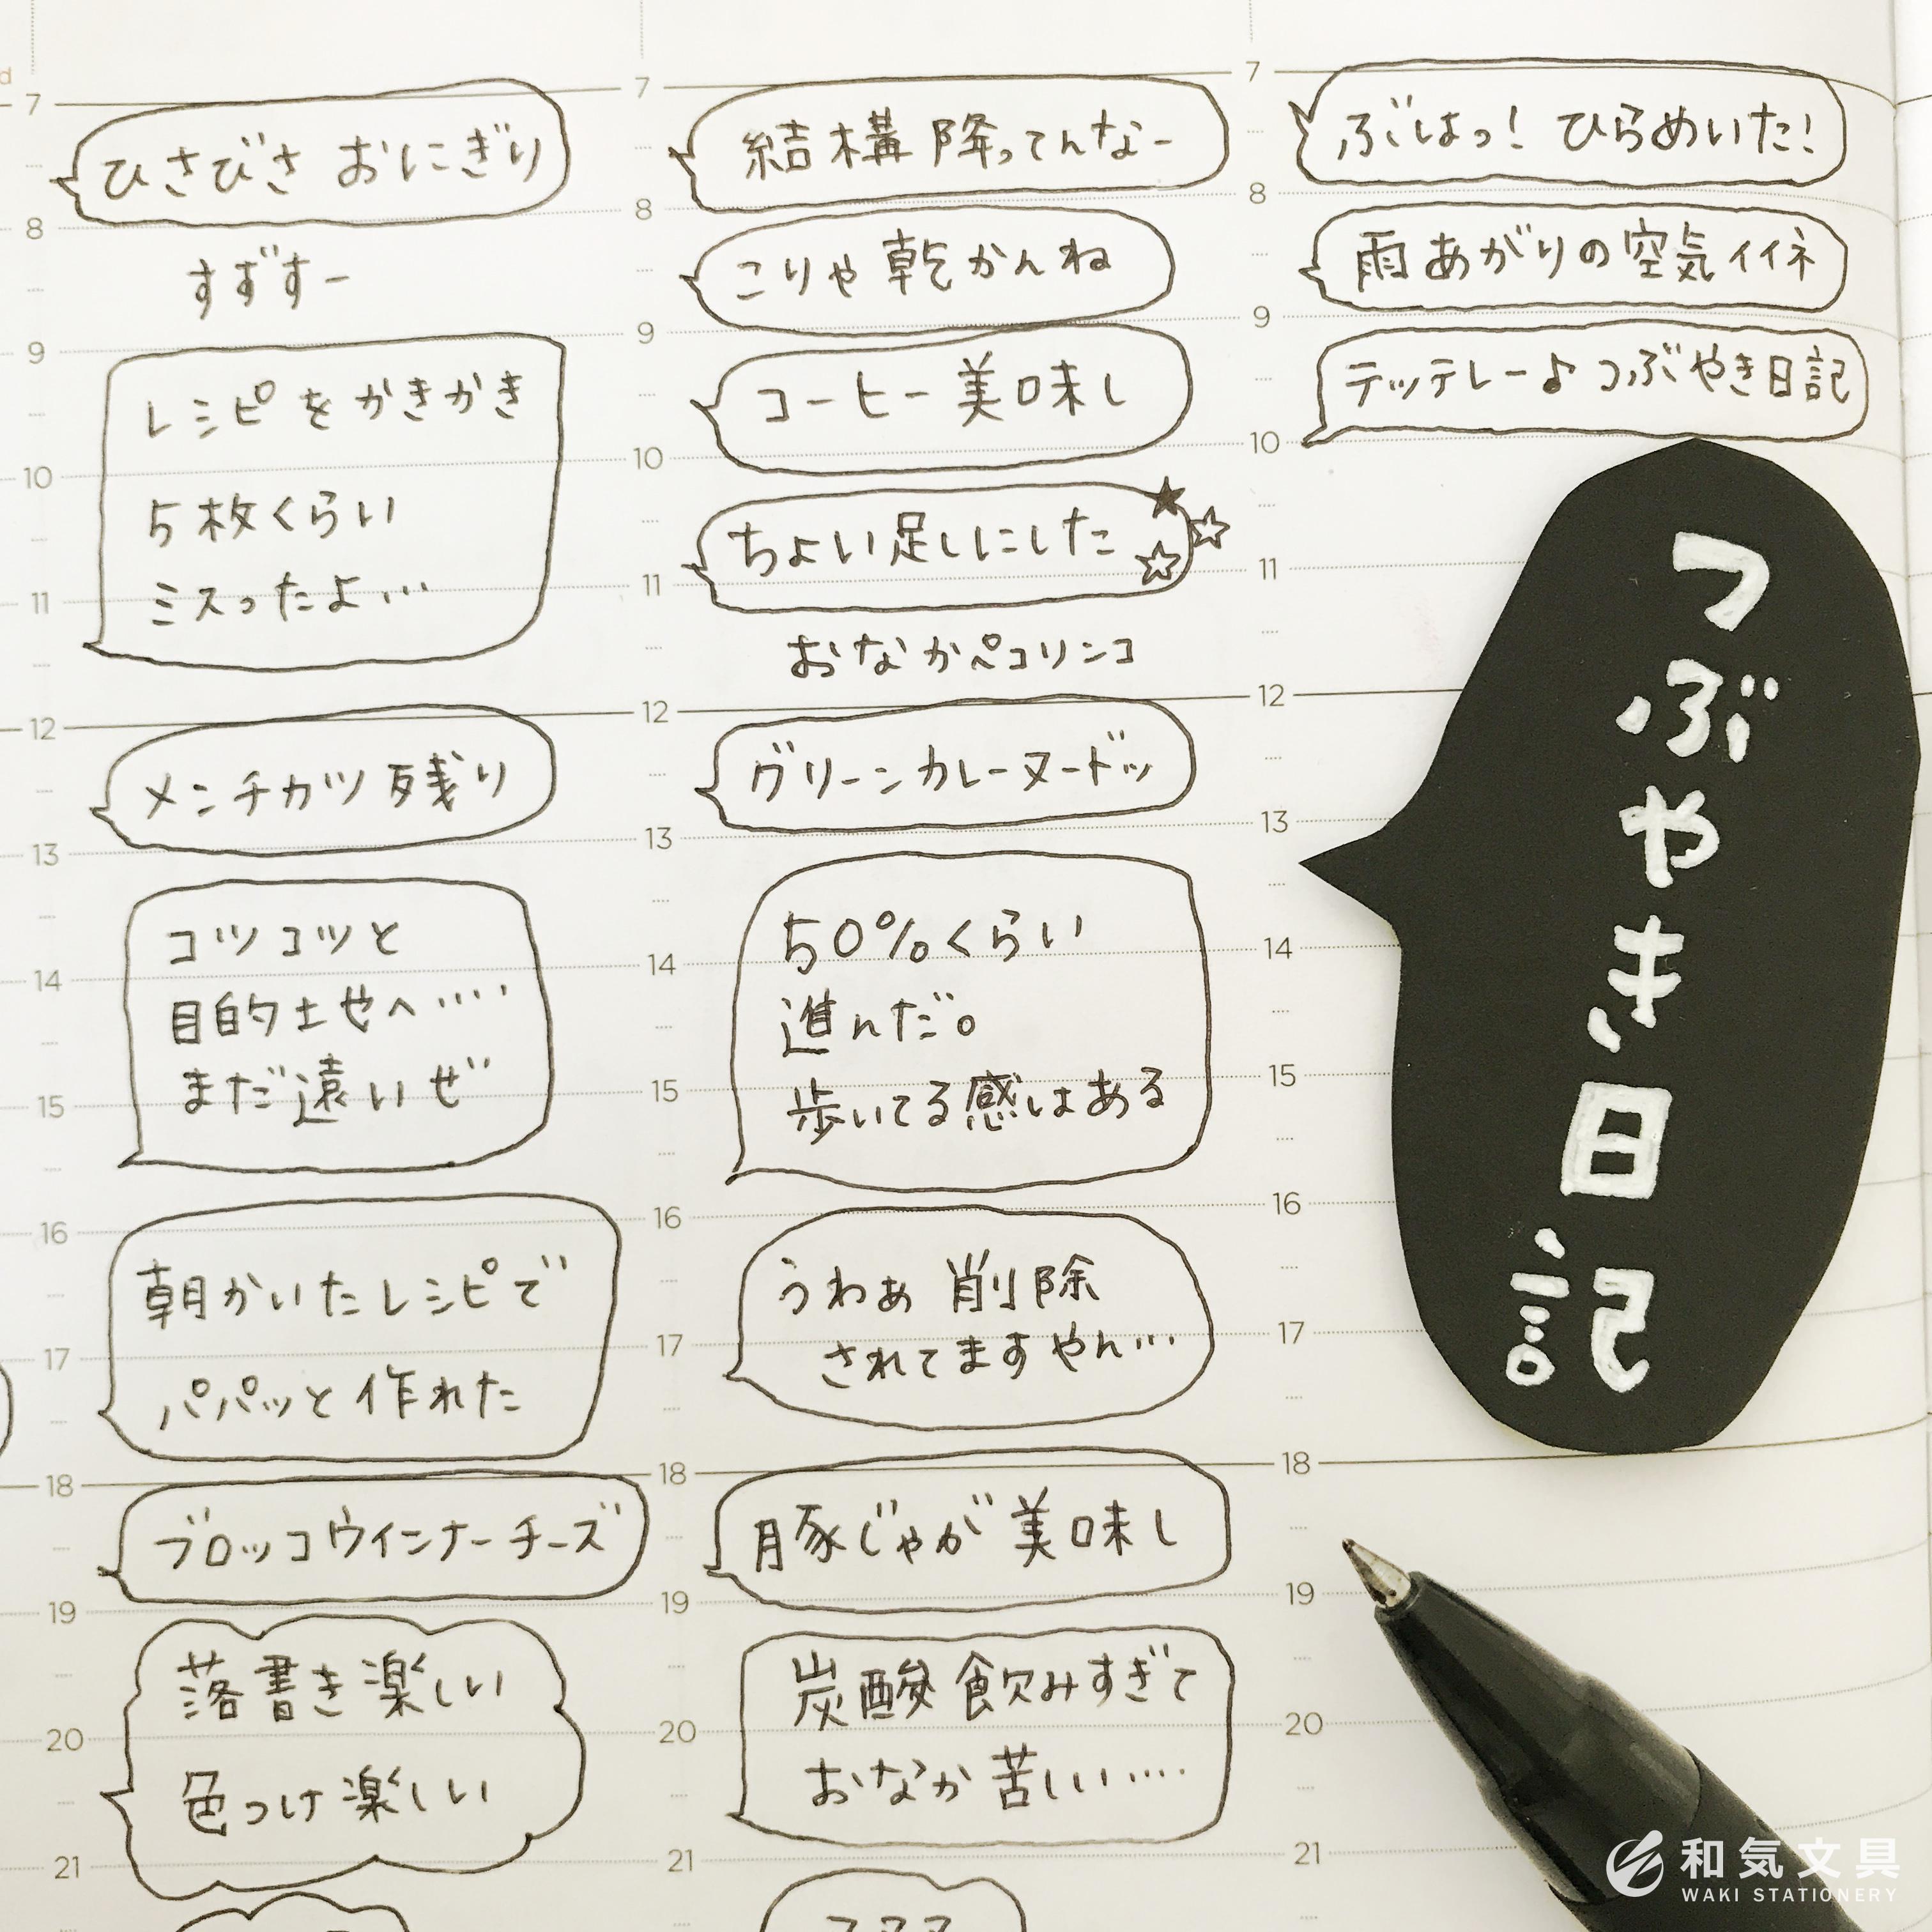 つぶやき日記